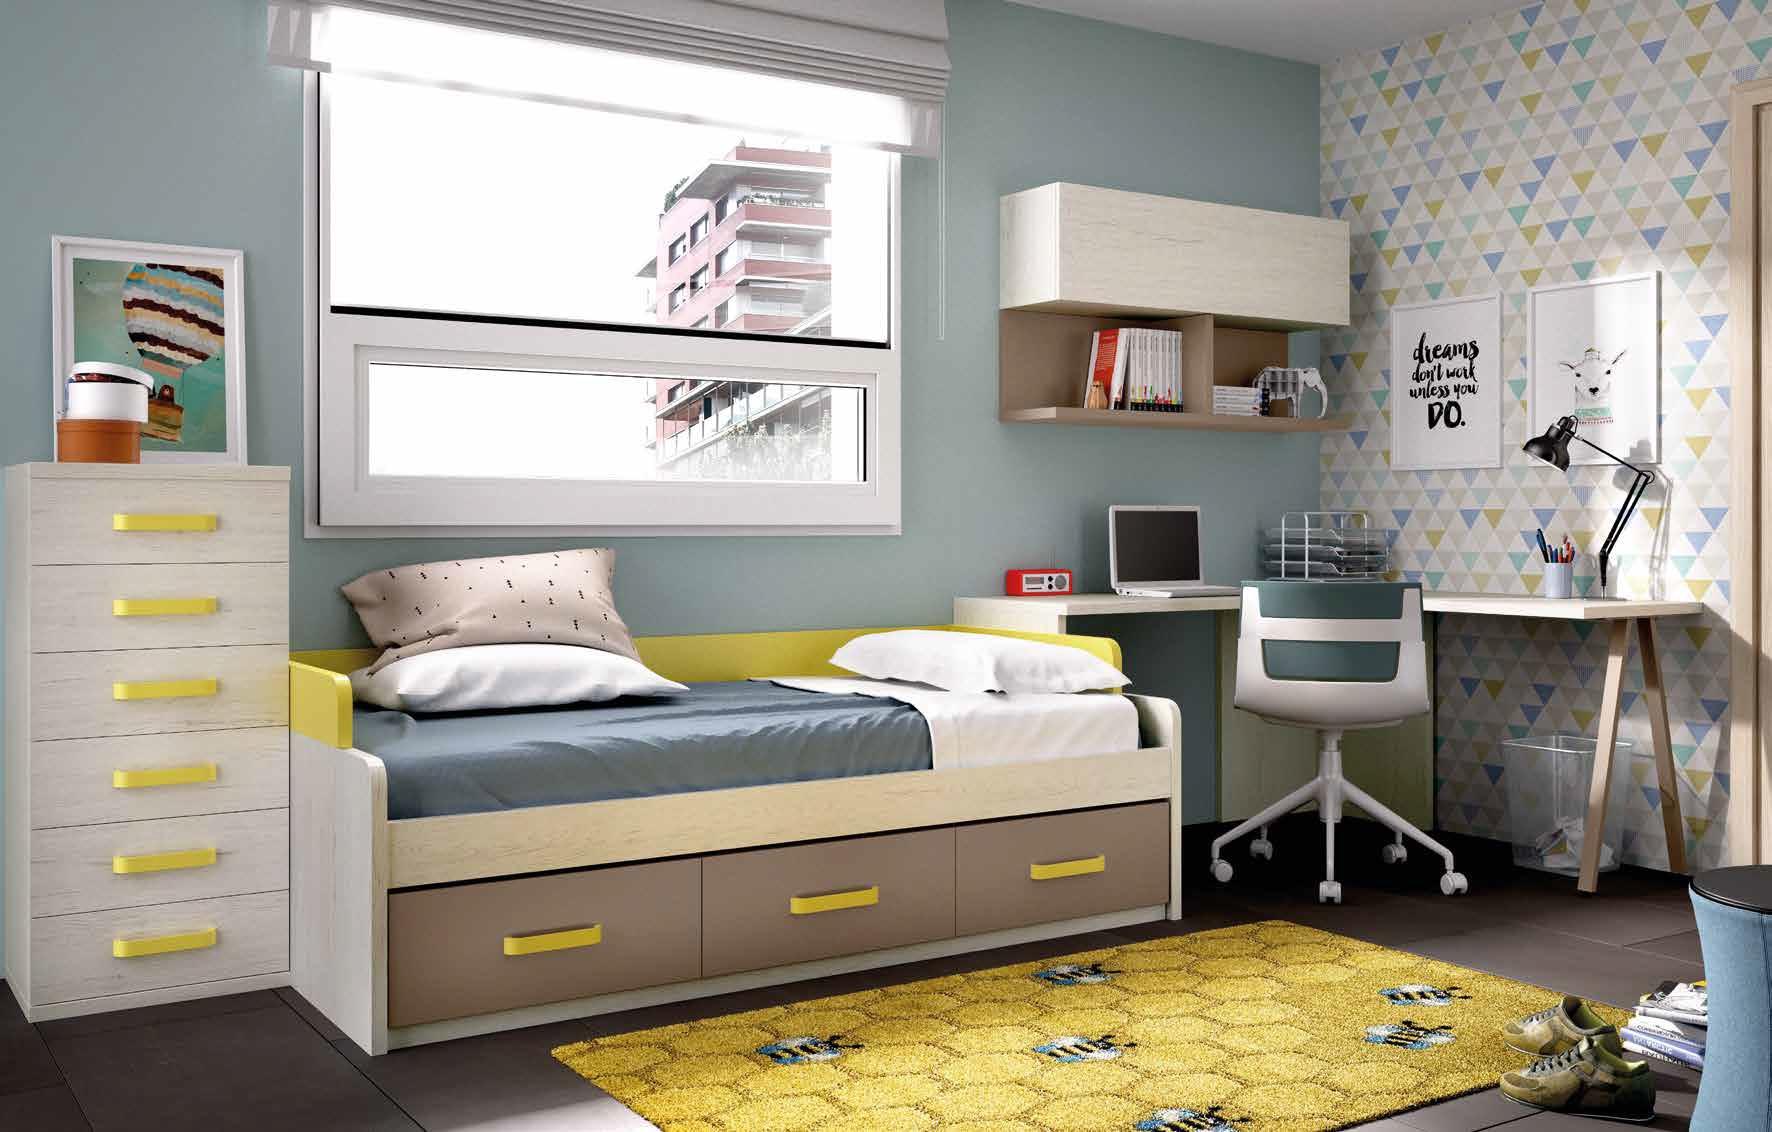 nidos-One-19-muebles-paco-caballero-512-5ccc1703208e1